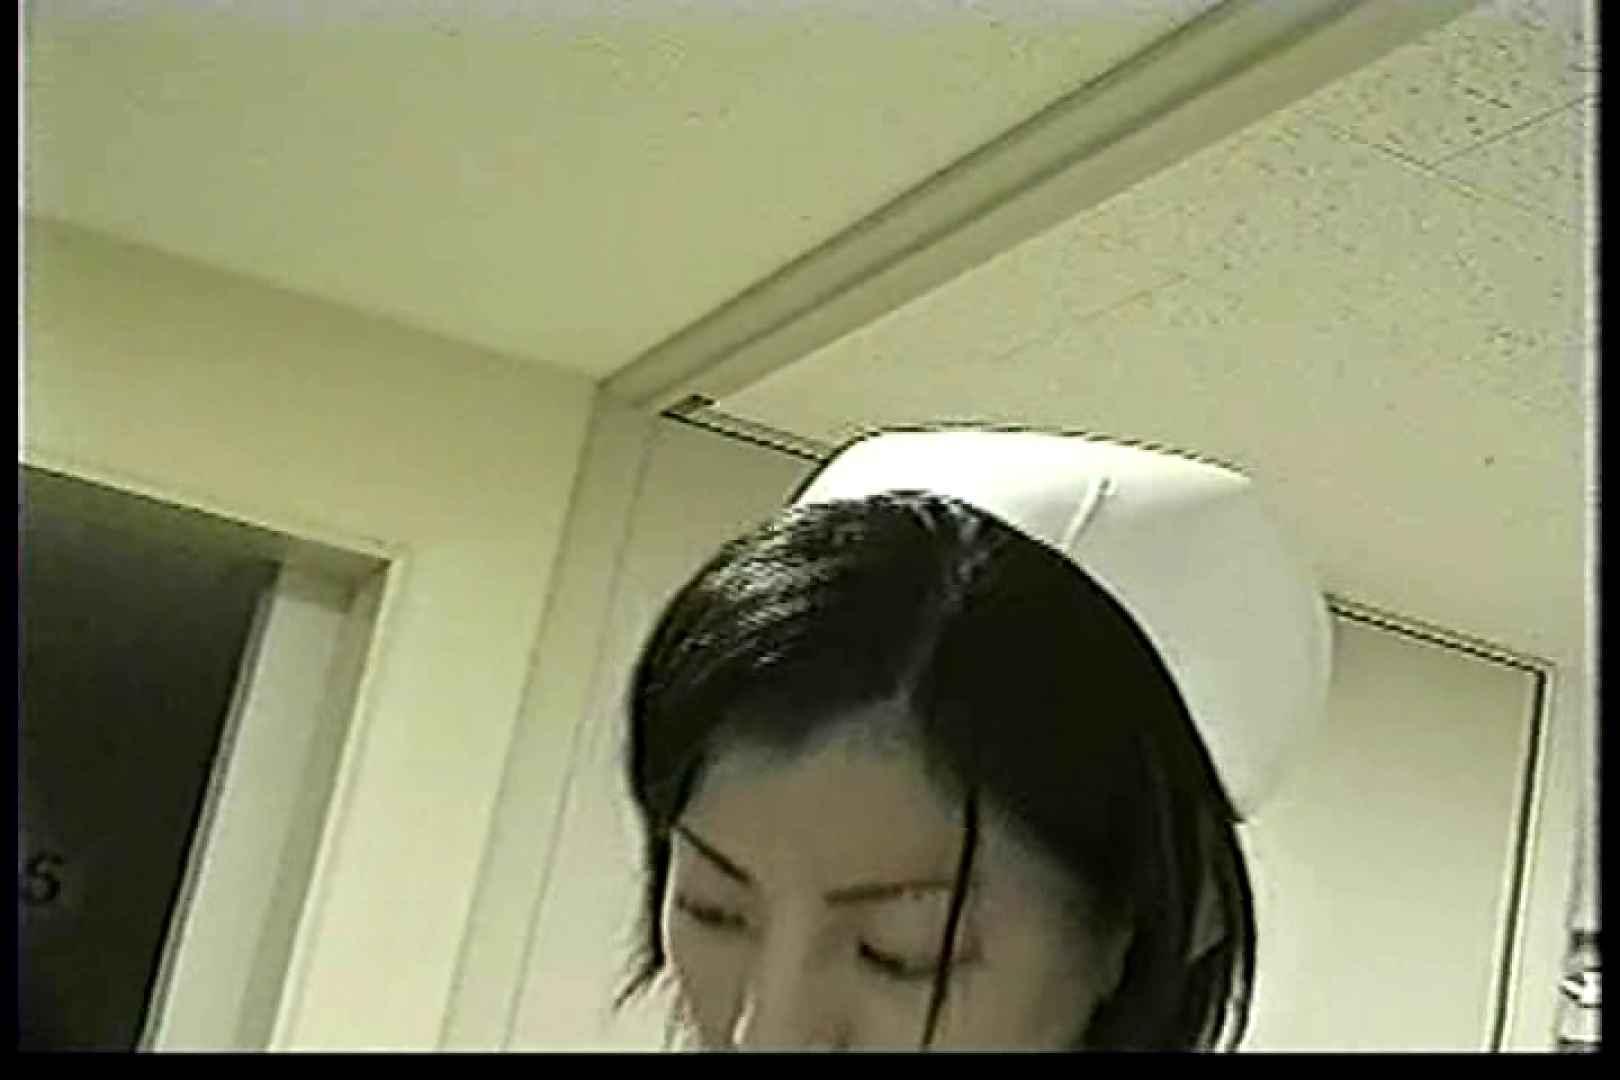 院内密着!看護婦達の下半身事情Vol.3 下半身 濡れ場動画紹介 112PICs 91